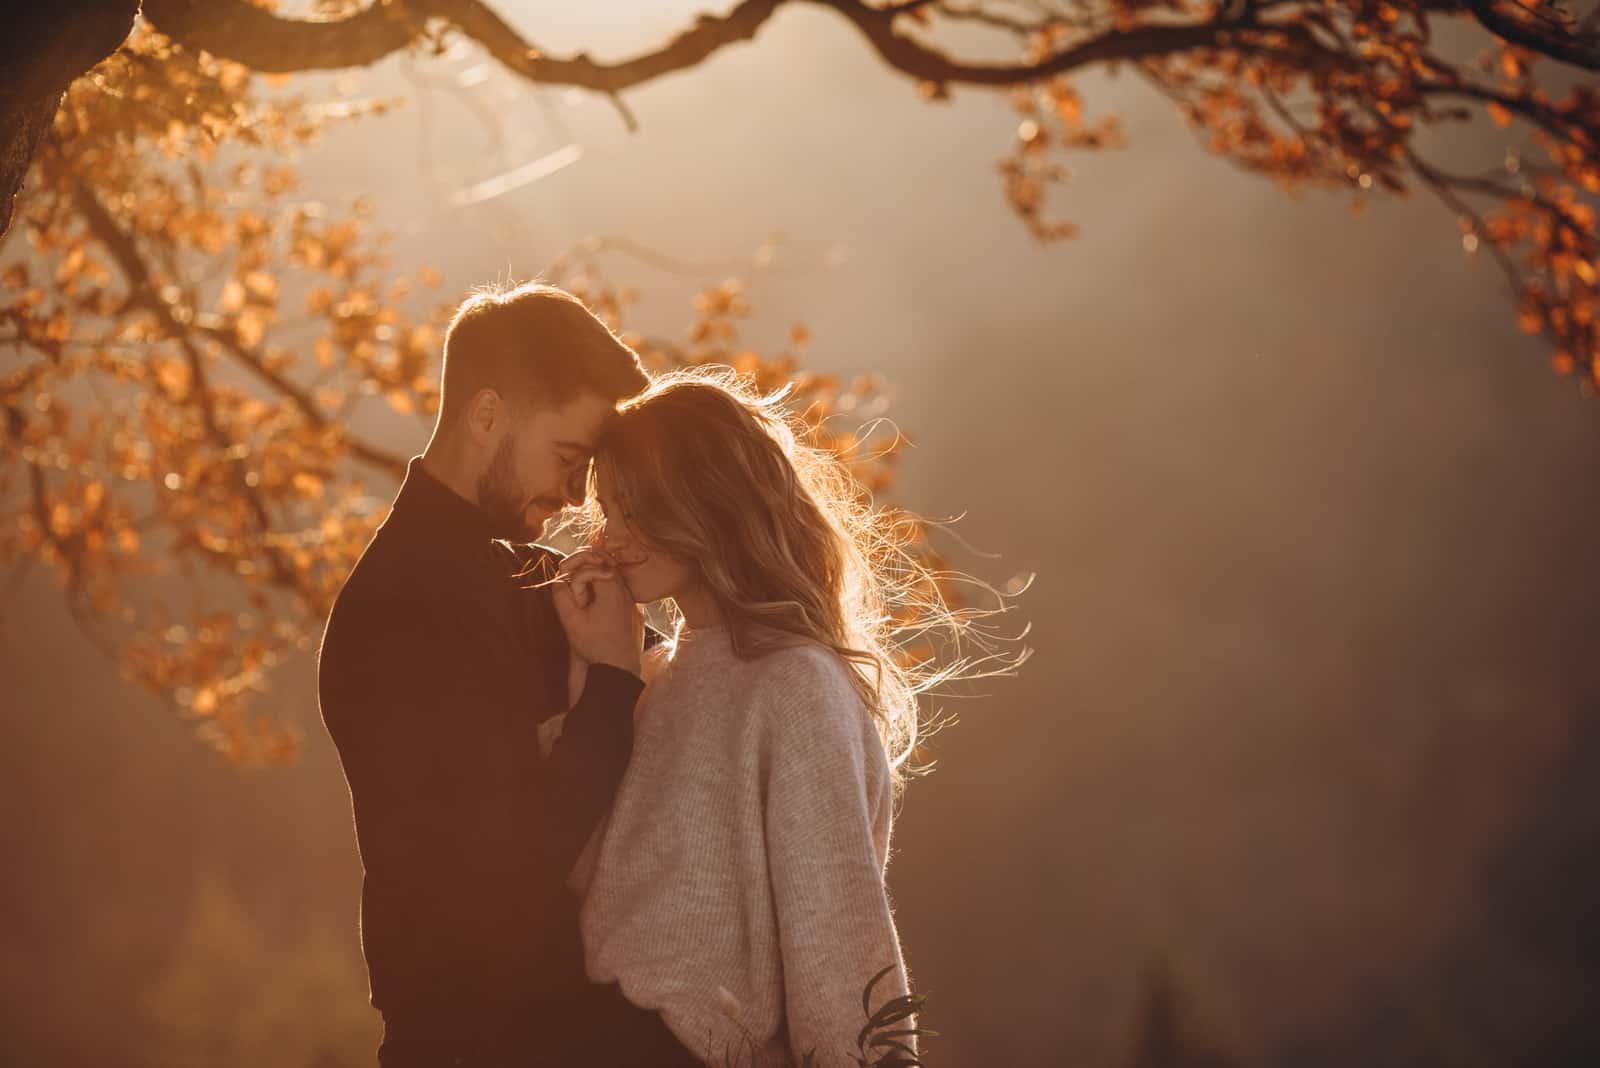 Mann und ein Mädchen umarmen sich zusammen unter einem großen alten Baum